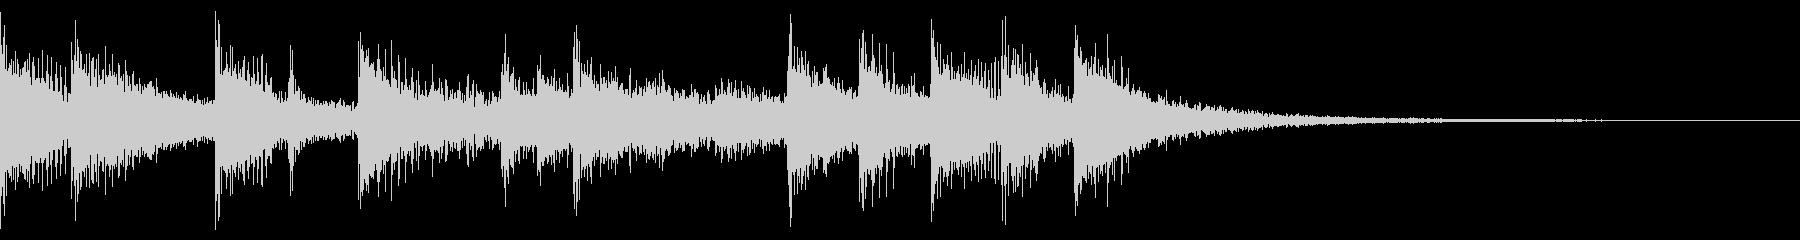 木琴メインの元気なジングル ニュース風の未再生の波形